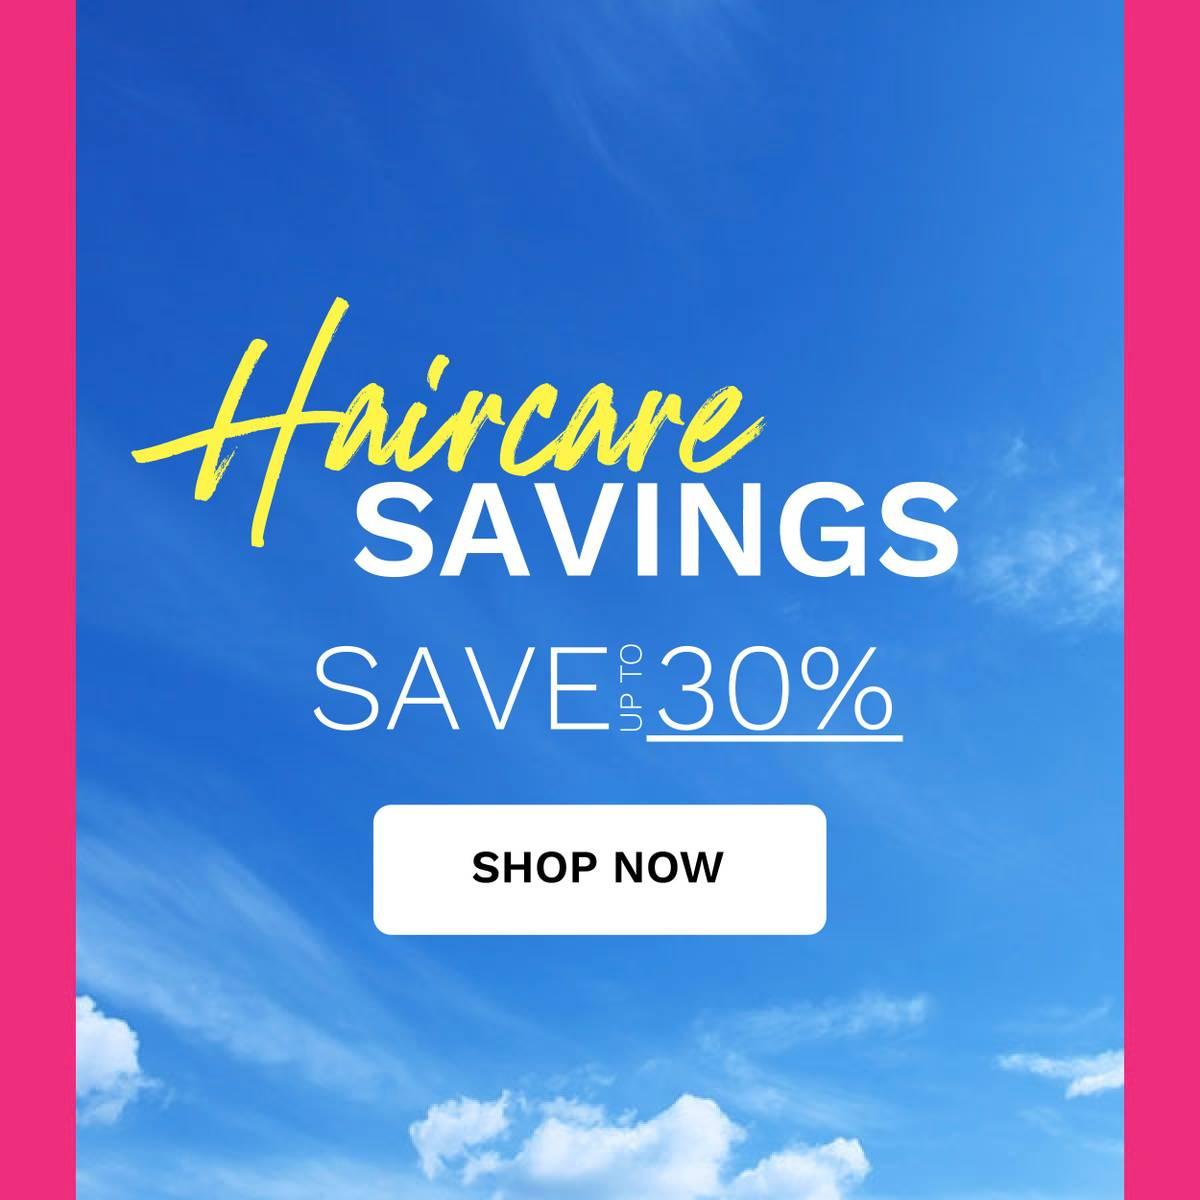 haircare savings - save up to 30%